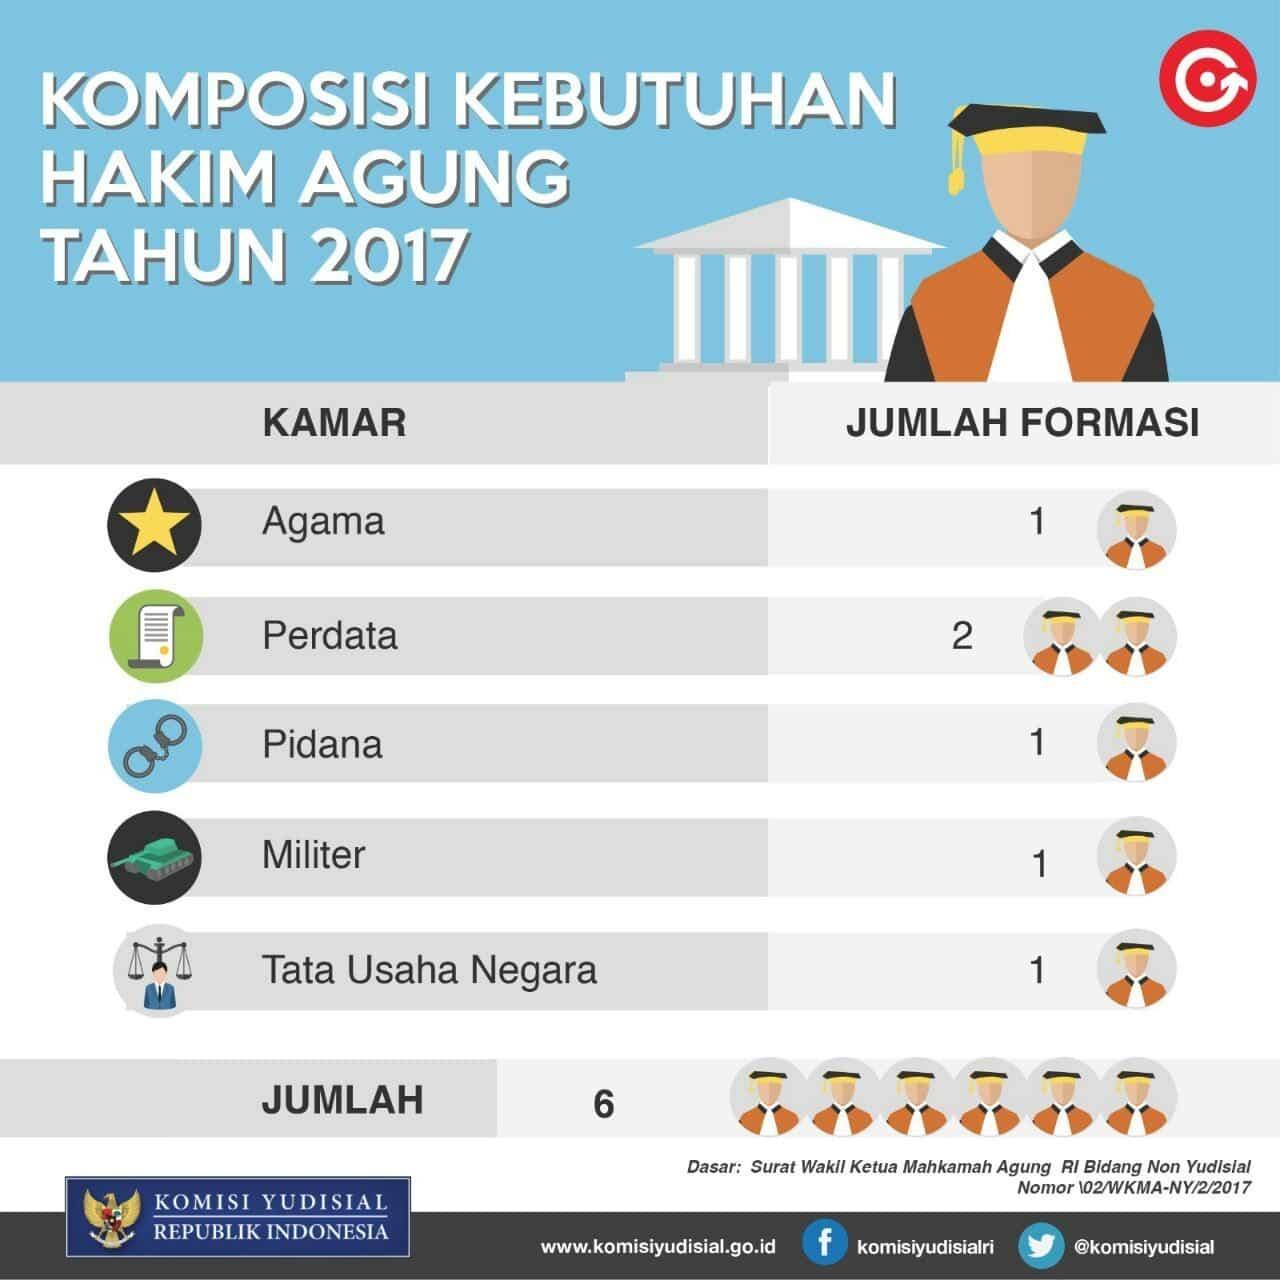 Komisi Yudisial Kembali Terima Usulan Calon Hakim Agung Tahun 2017